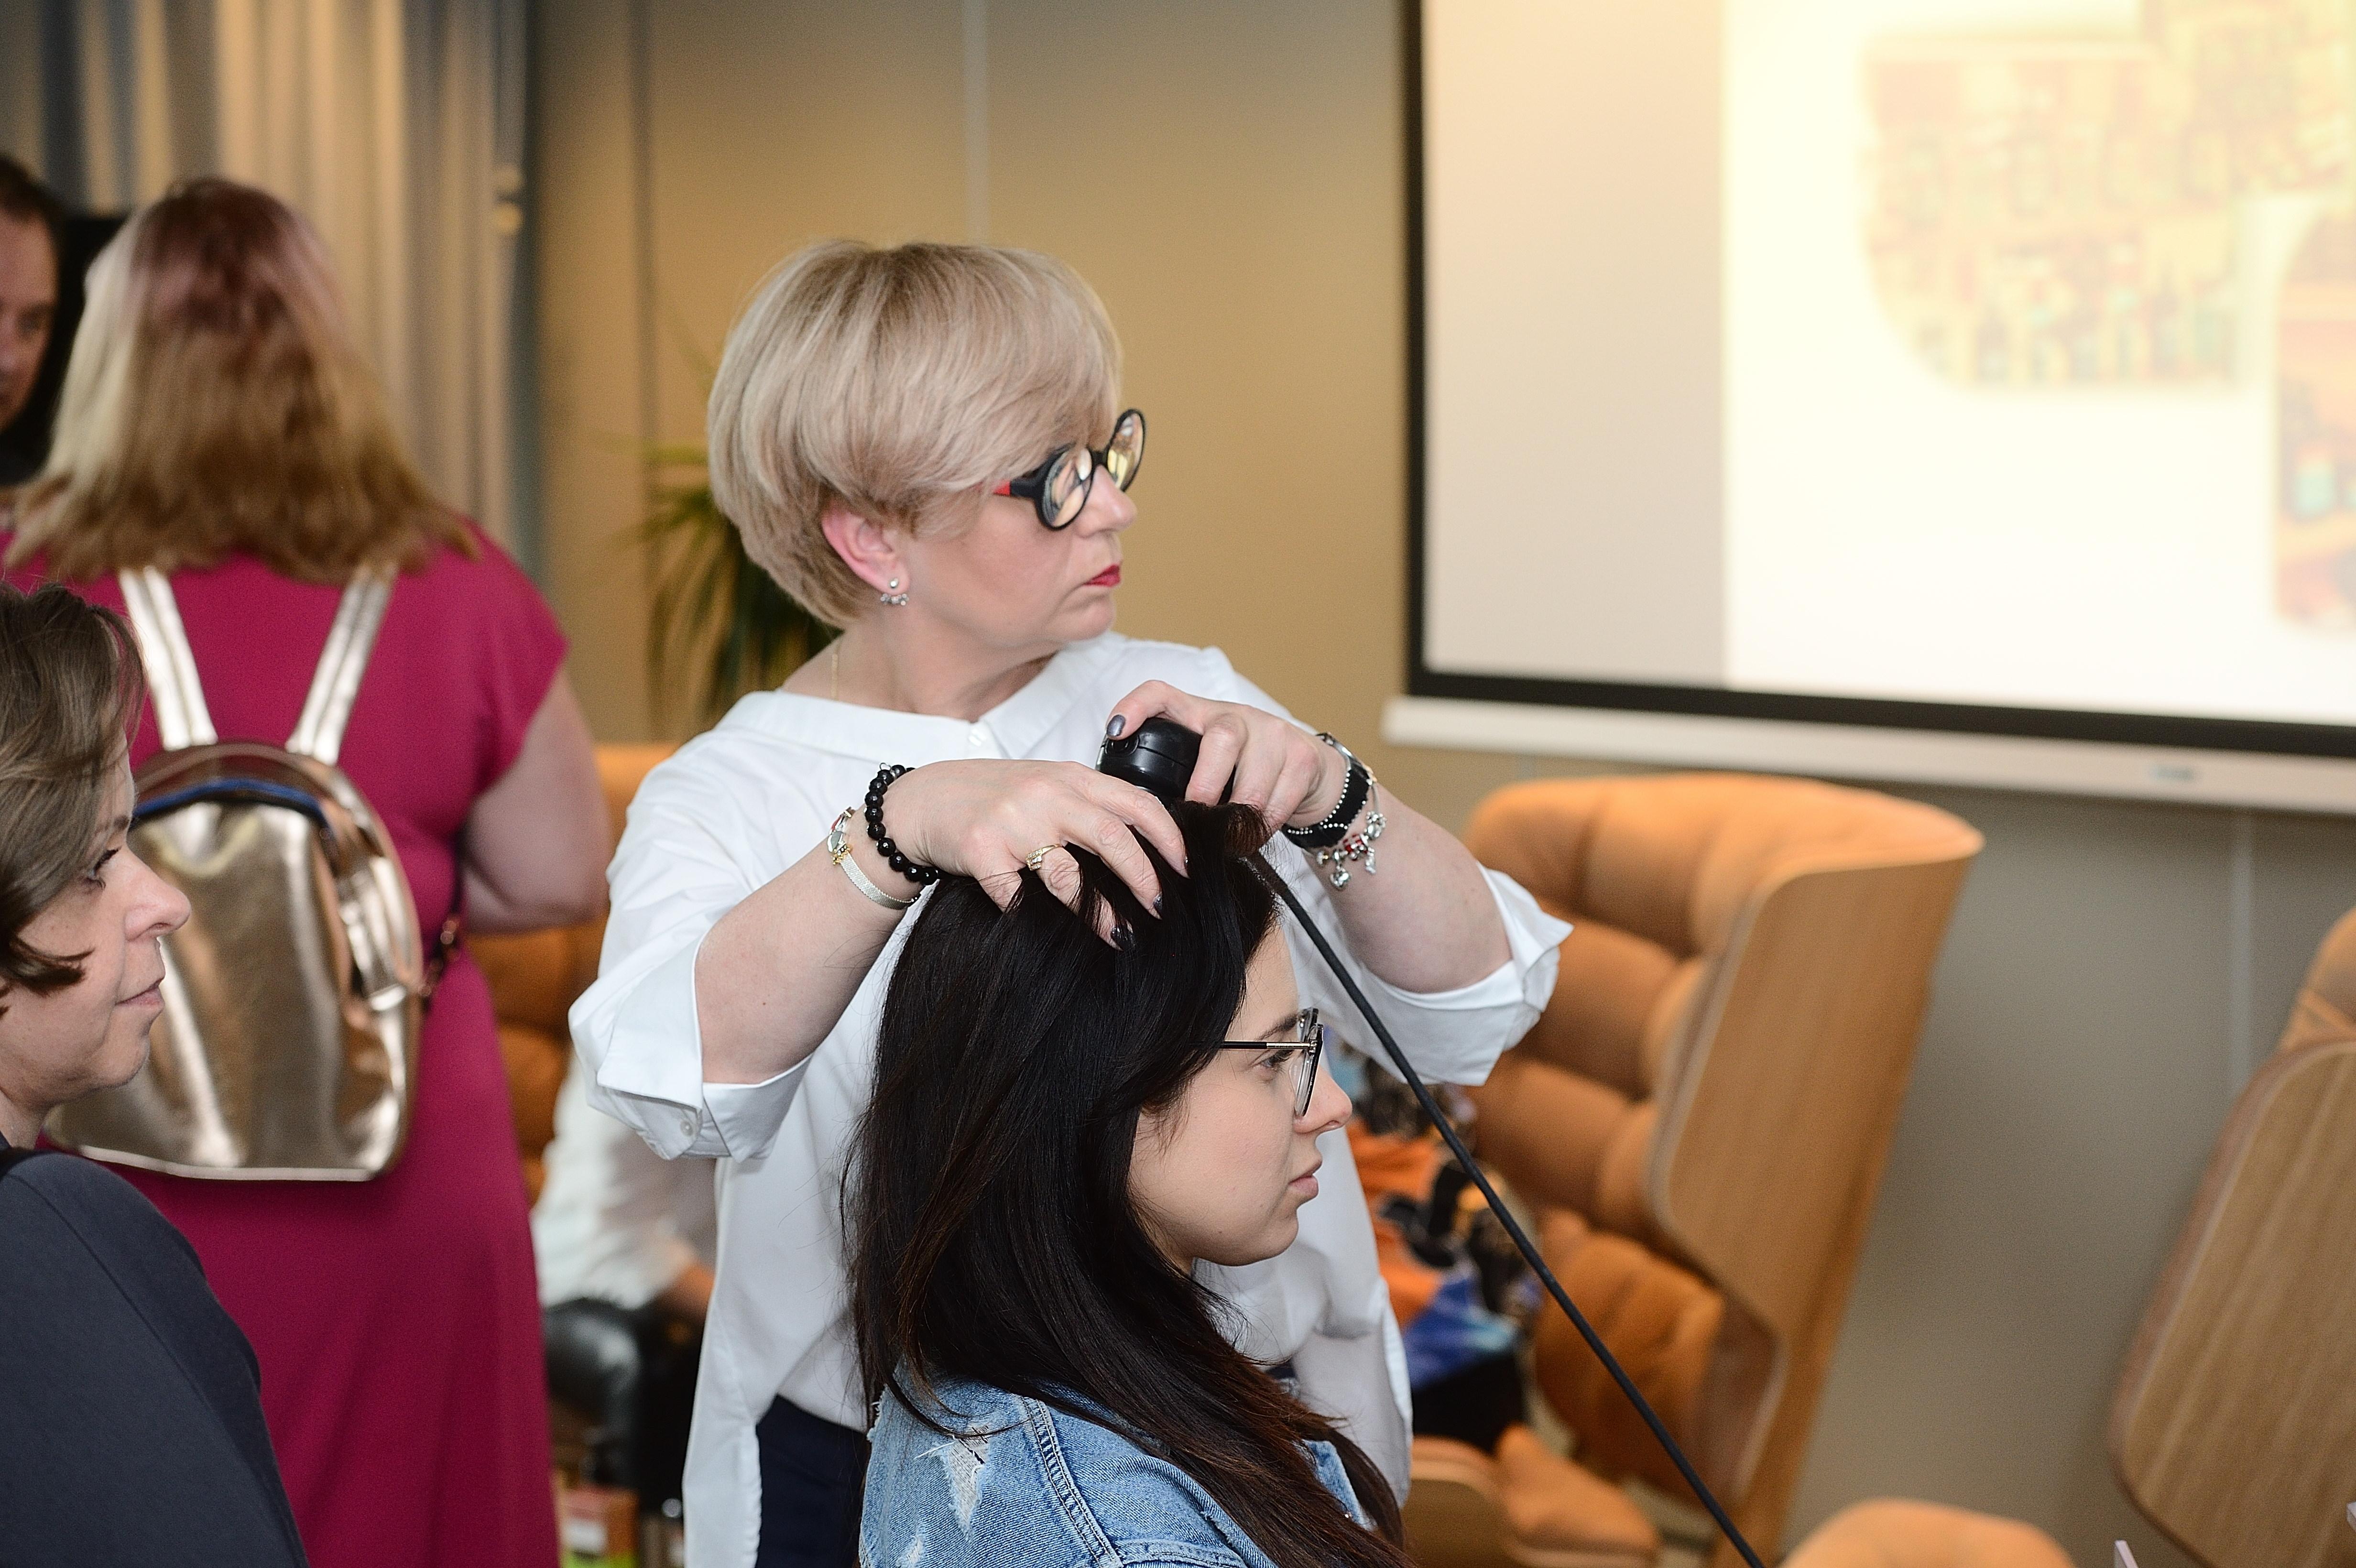 Tego dnia na gości czekała trycholog- Iwona Zagórska, każda z obecnych osób mogła przebadać stan skóry włosów